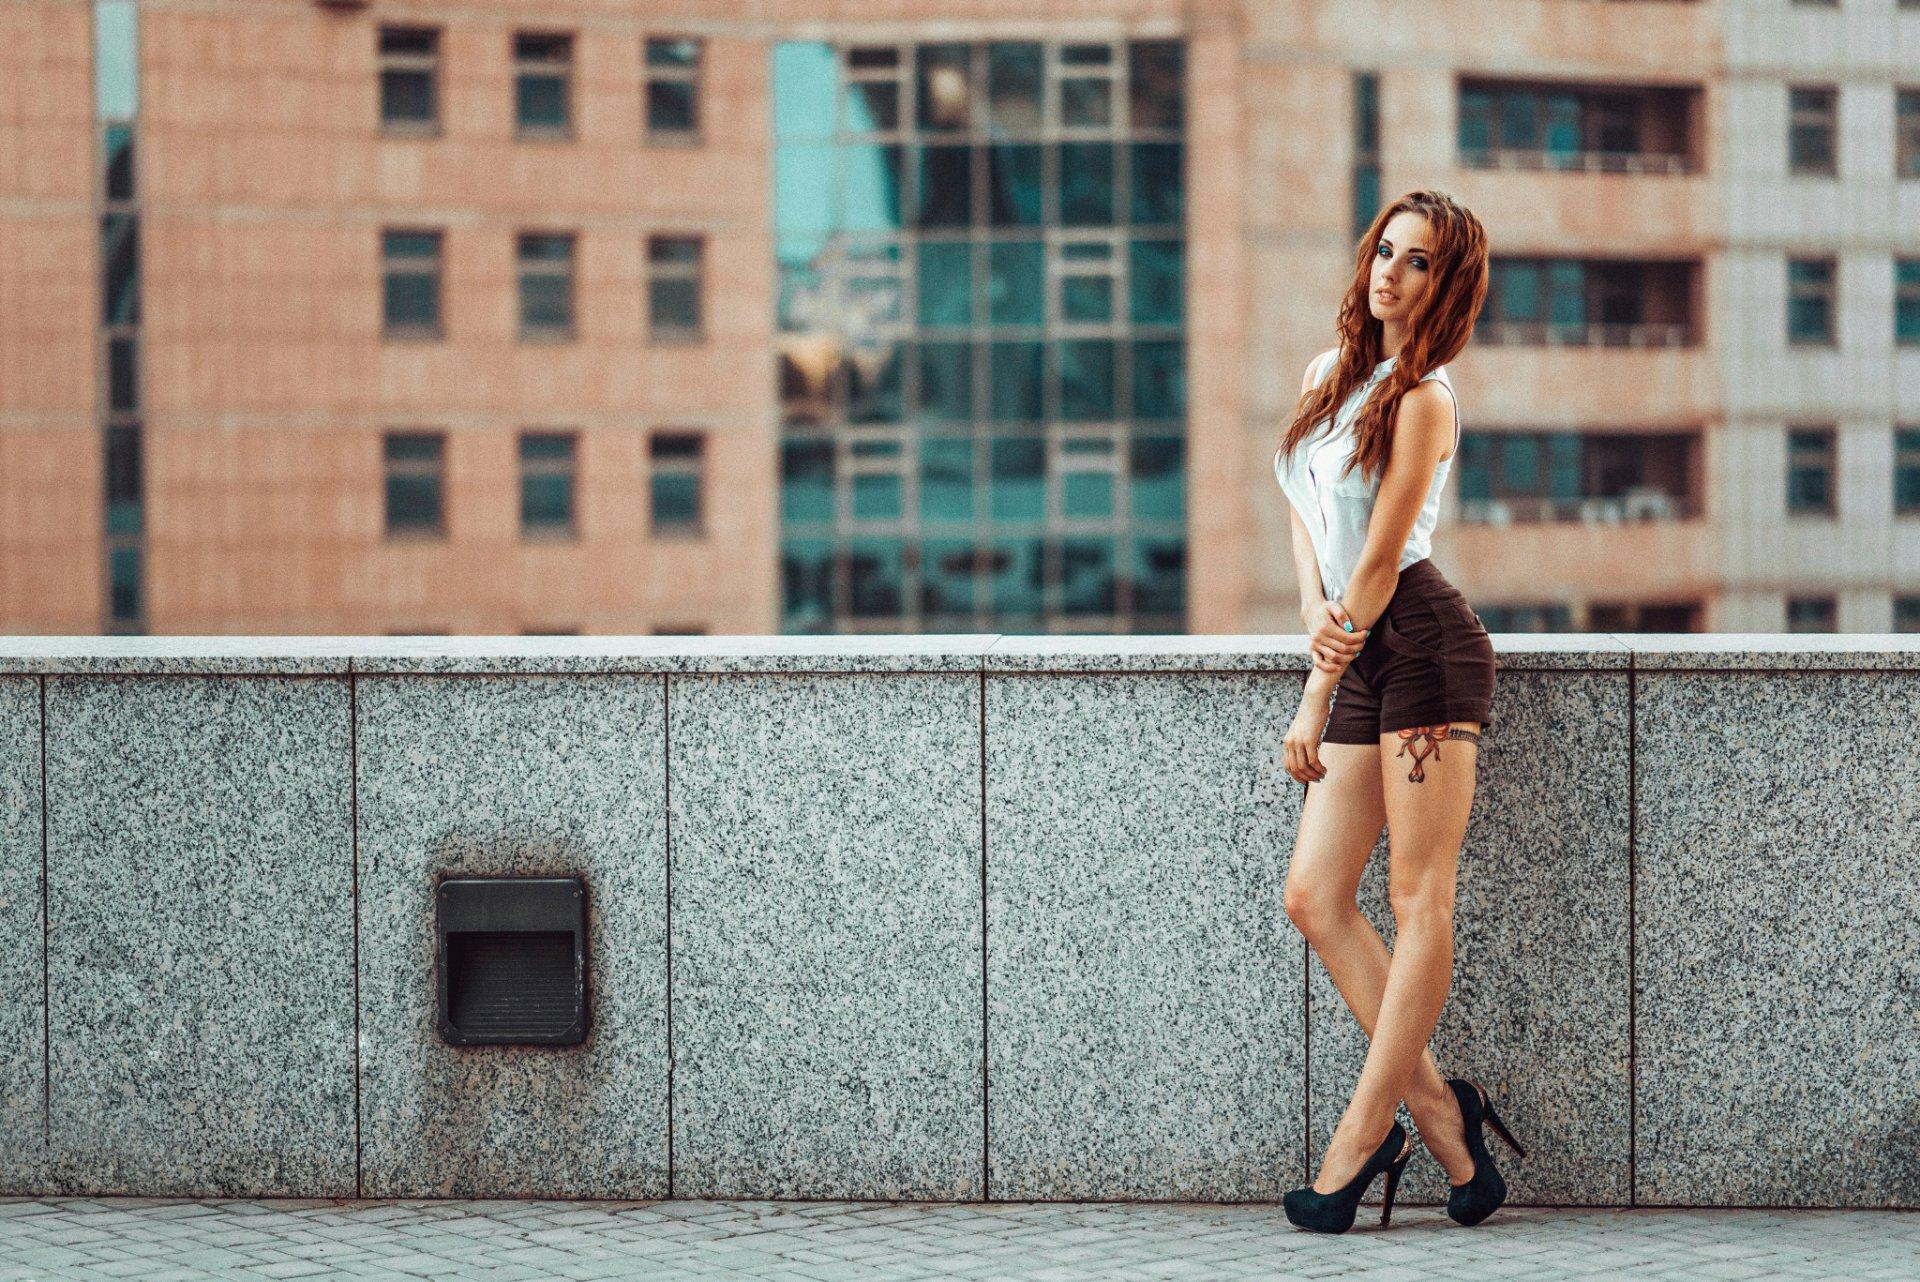 Идеи для фотосессий / идеи фотосессий для девушек 76